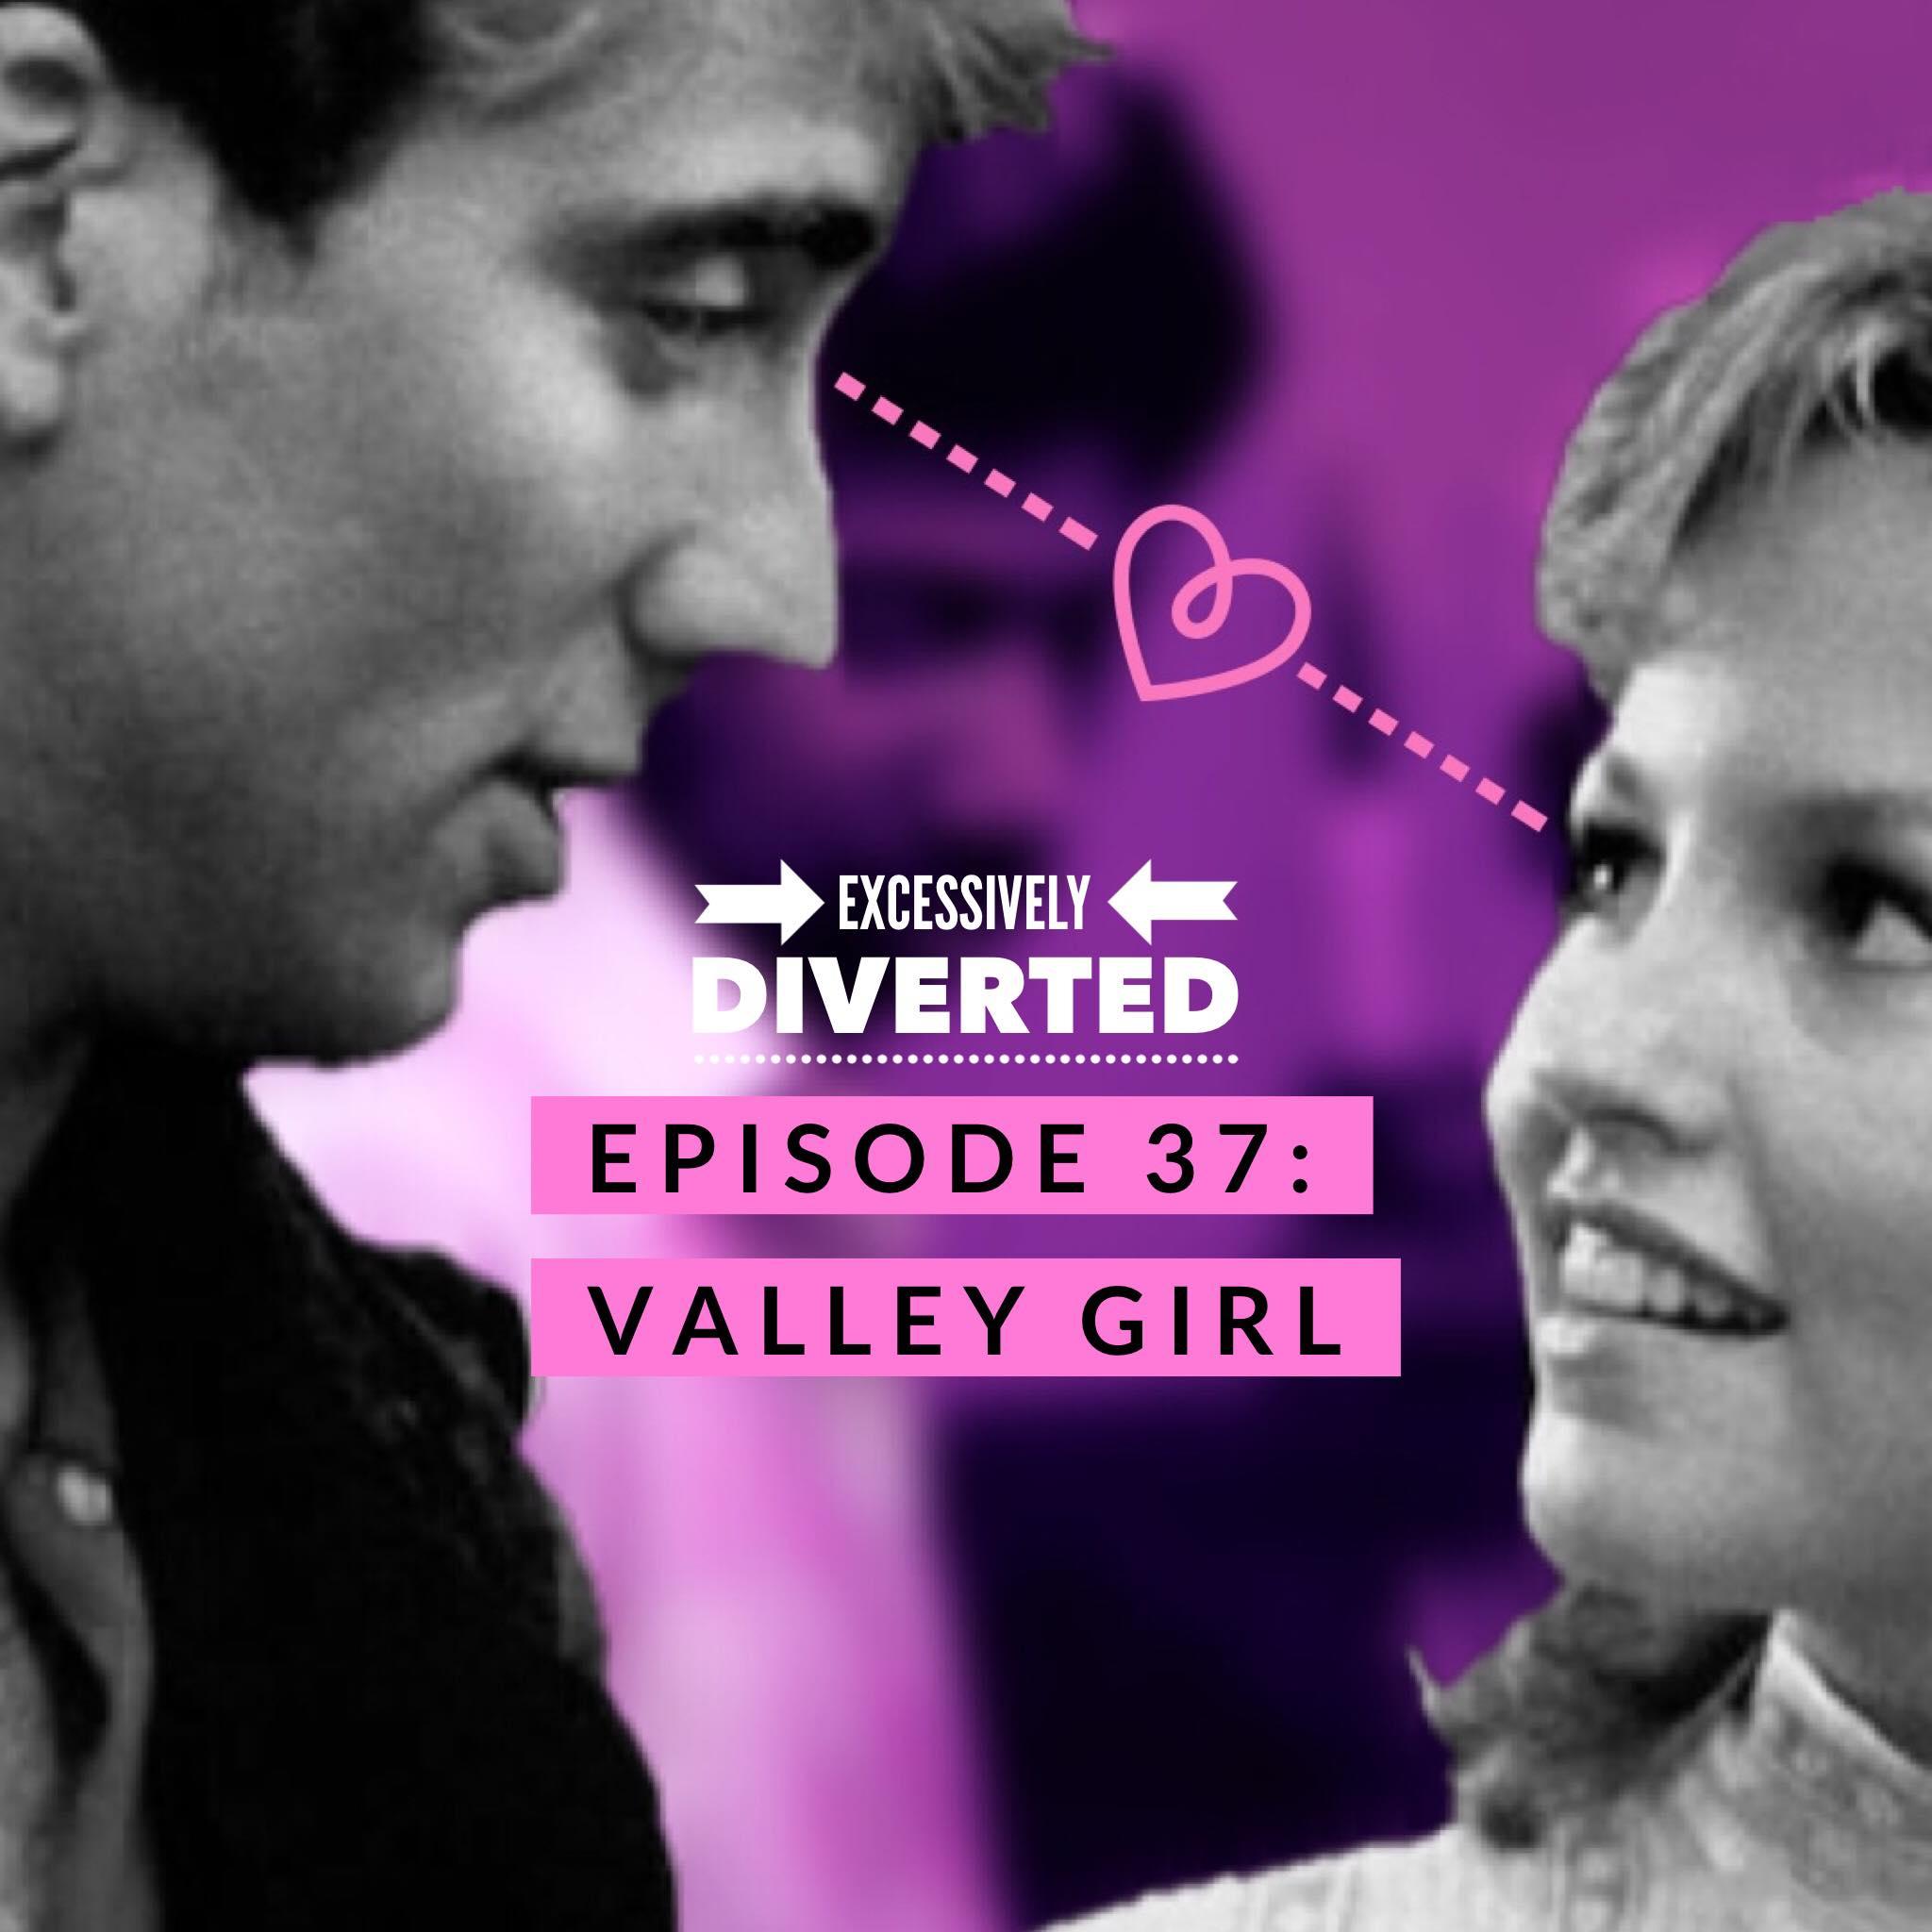 Artwork for Episode 37 - Valley Girl